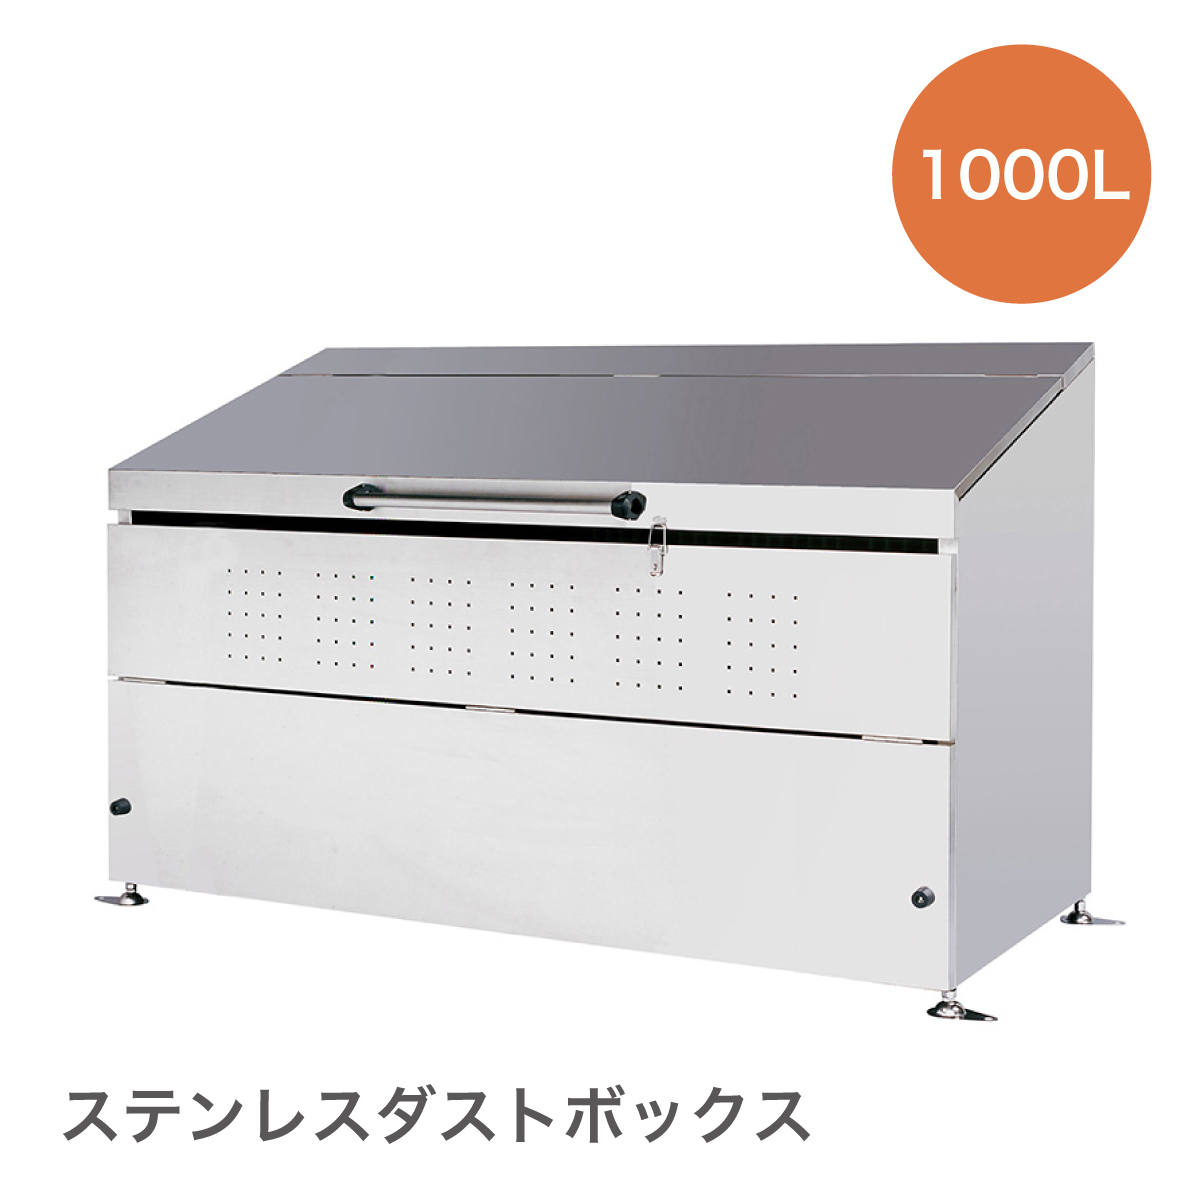 セール商品 ステンレス ダストボックス 在庫一掃売り切りセール ごみ箱 屋外 mm ステンレスダストボックス1000L約1848×750×1110 パンチング 通気性